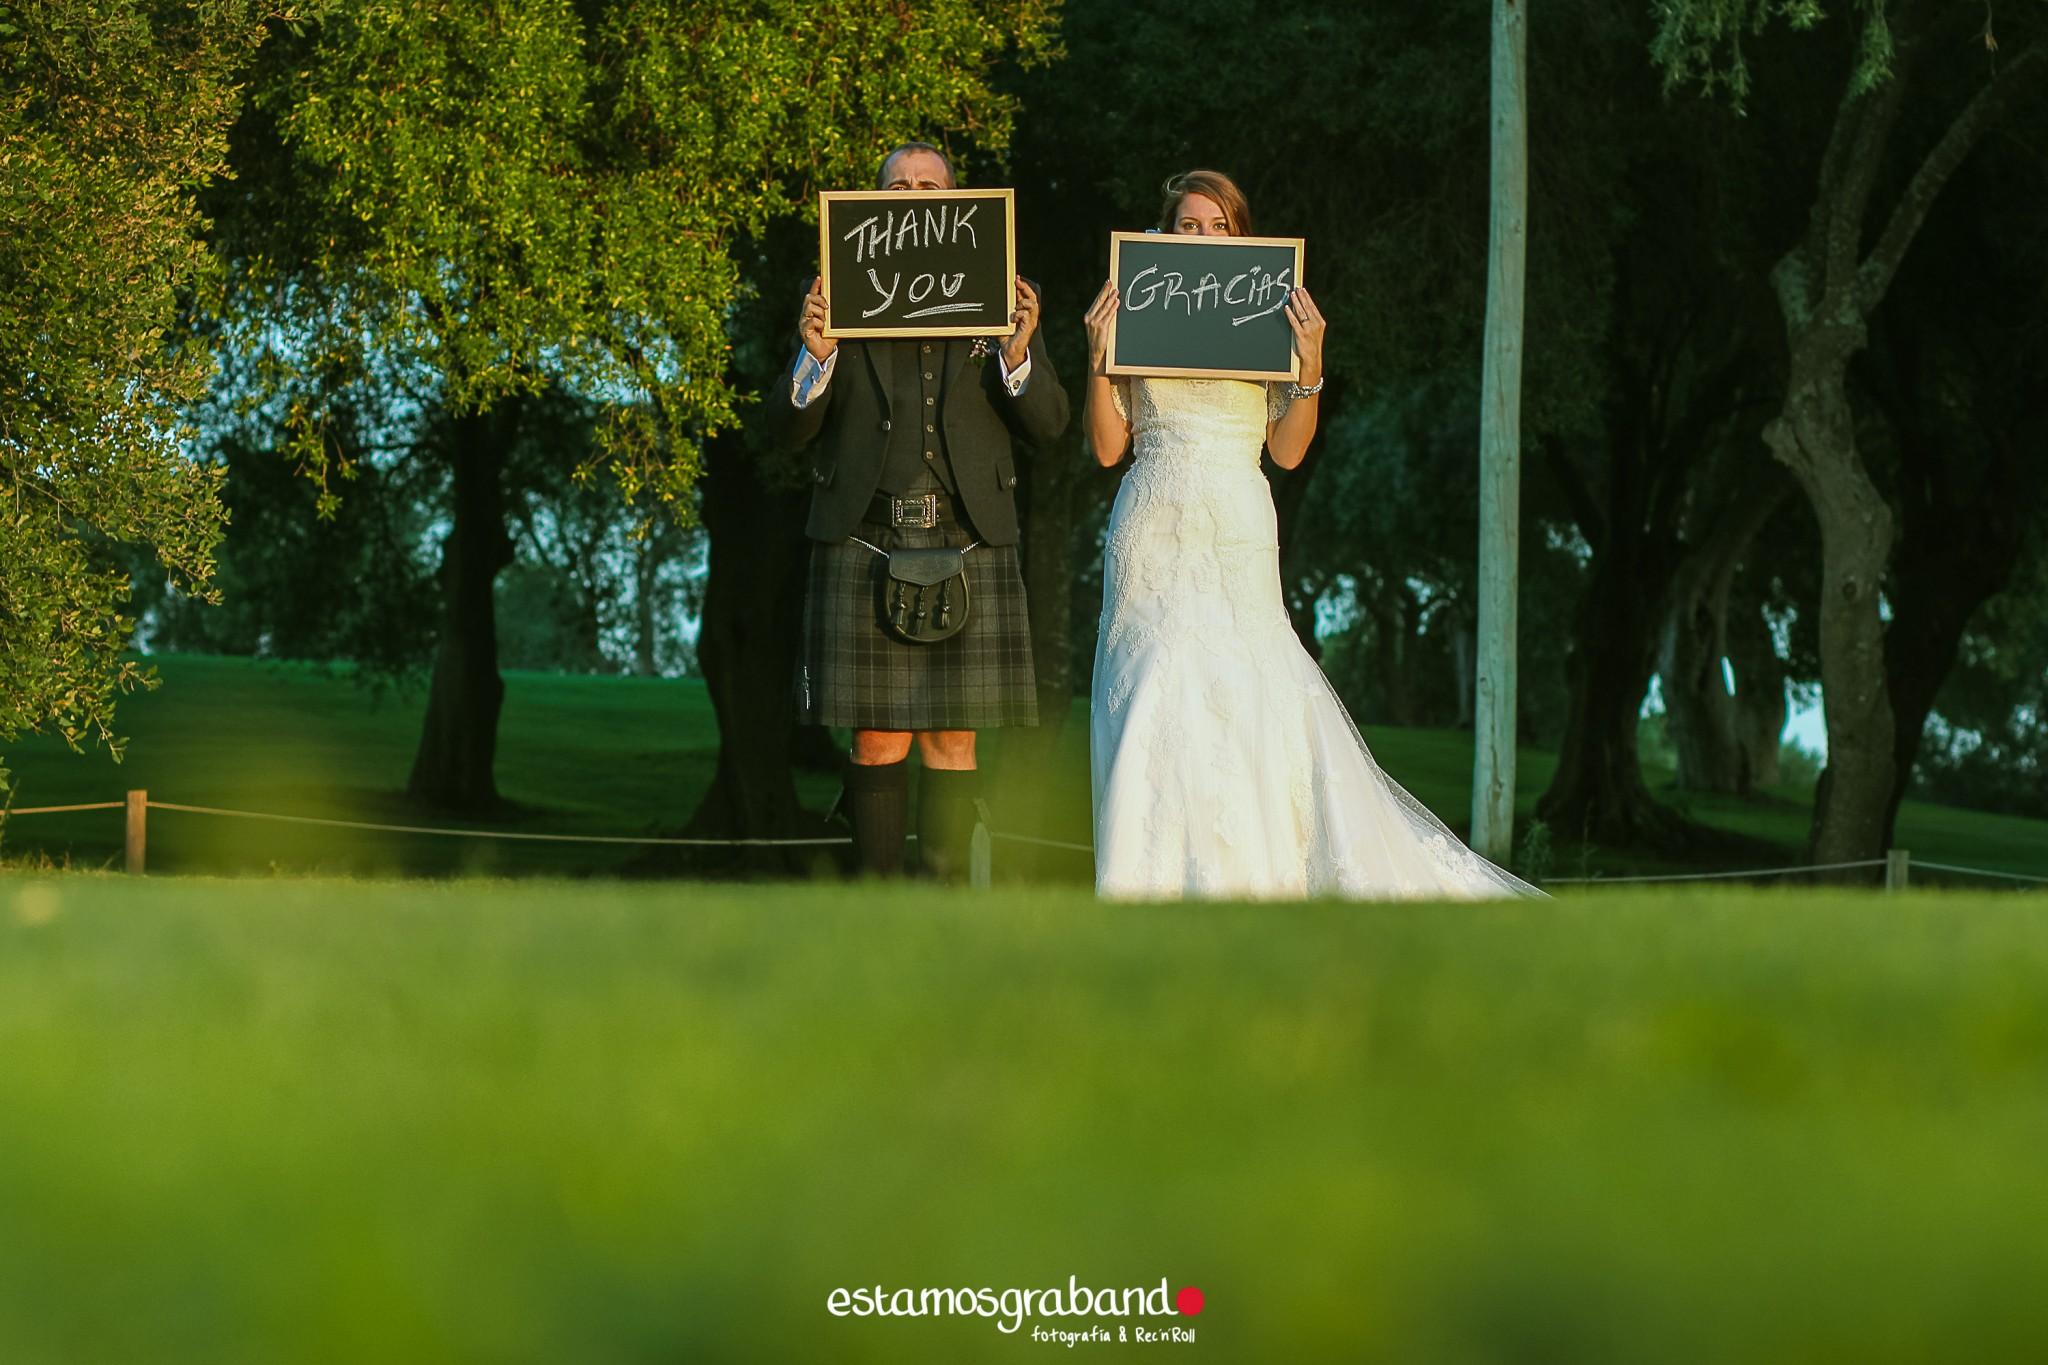 bee-y-juan-21 La boda de Braveheart (Spanish version)_Vee & Juan - video boda cadiz